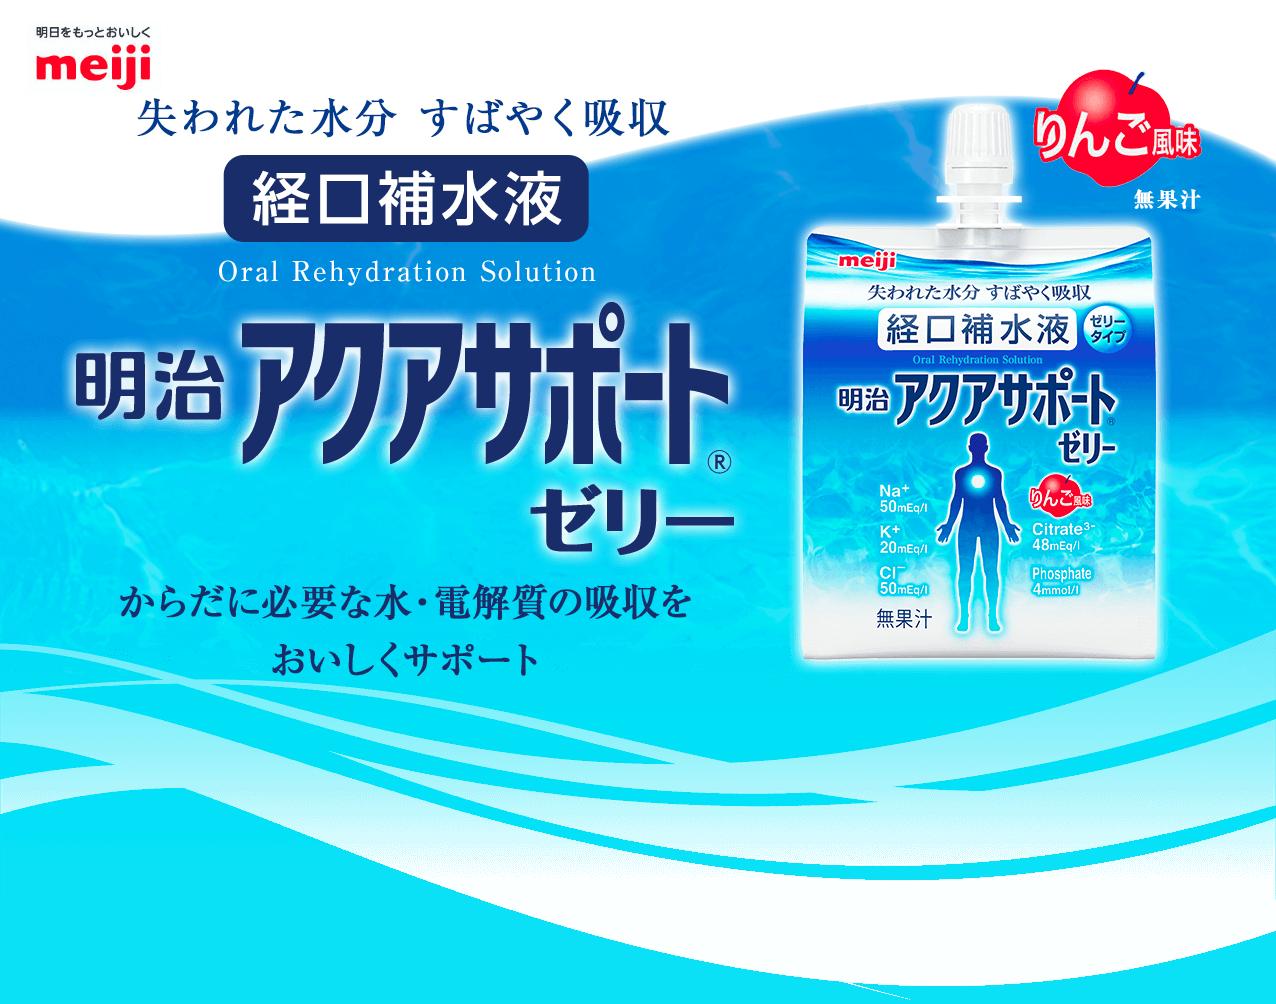 失われた水分 すばやく吸収 経口補水液 明治アクアサポートゼリー® からだに必要な水・電解質の吸収をおいしくサポート りんご風味 無果汁